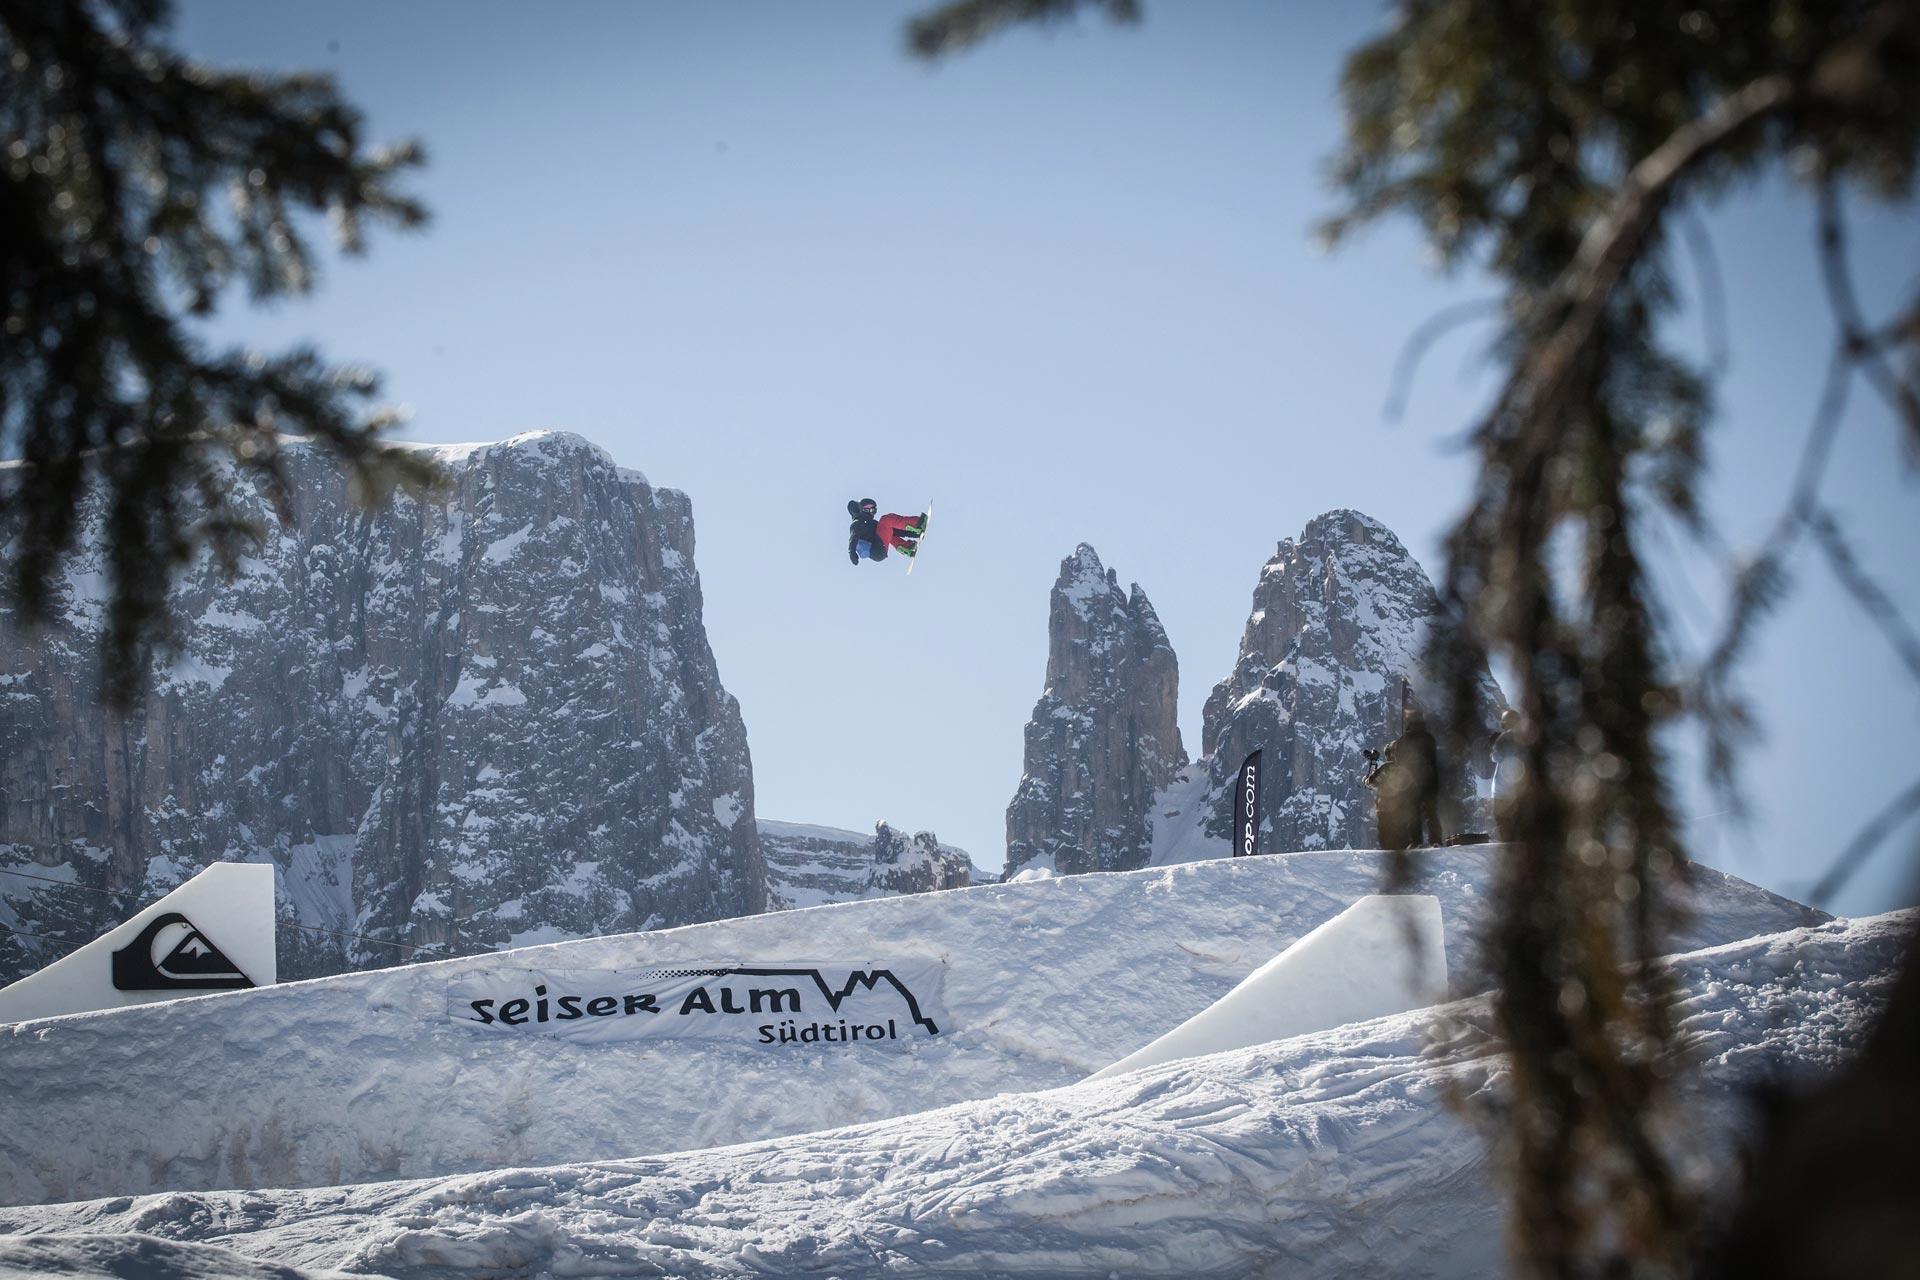 Es geht wieder heiß her im Snowpark auf der Seiser Alm in der Saison 15/16! - Foto: Seiser Alm / F-Tech